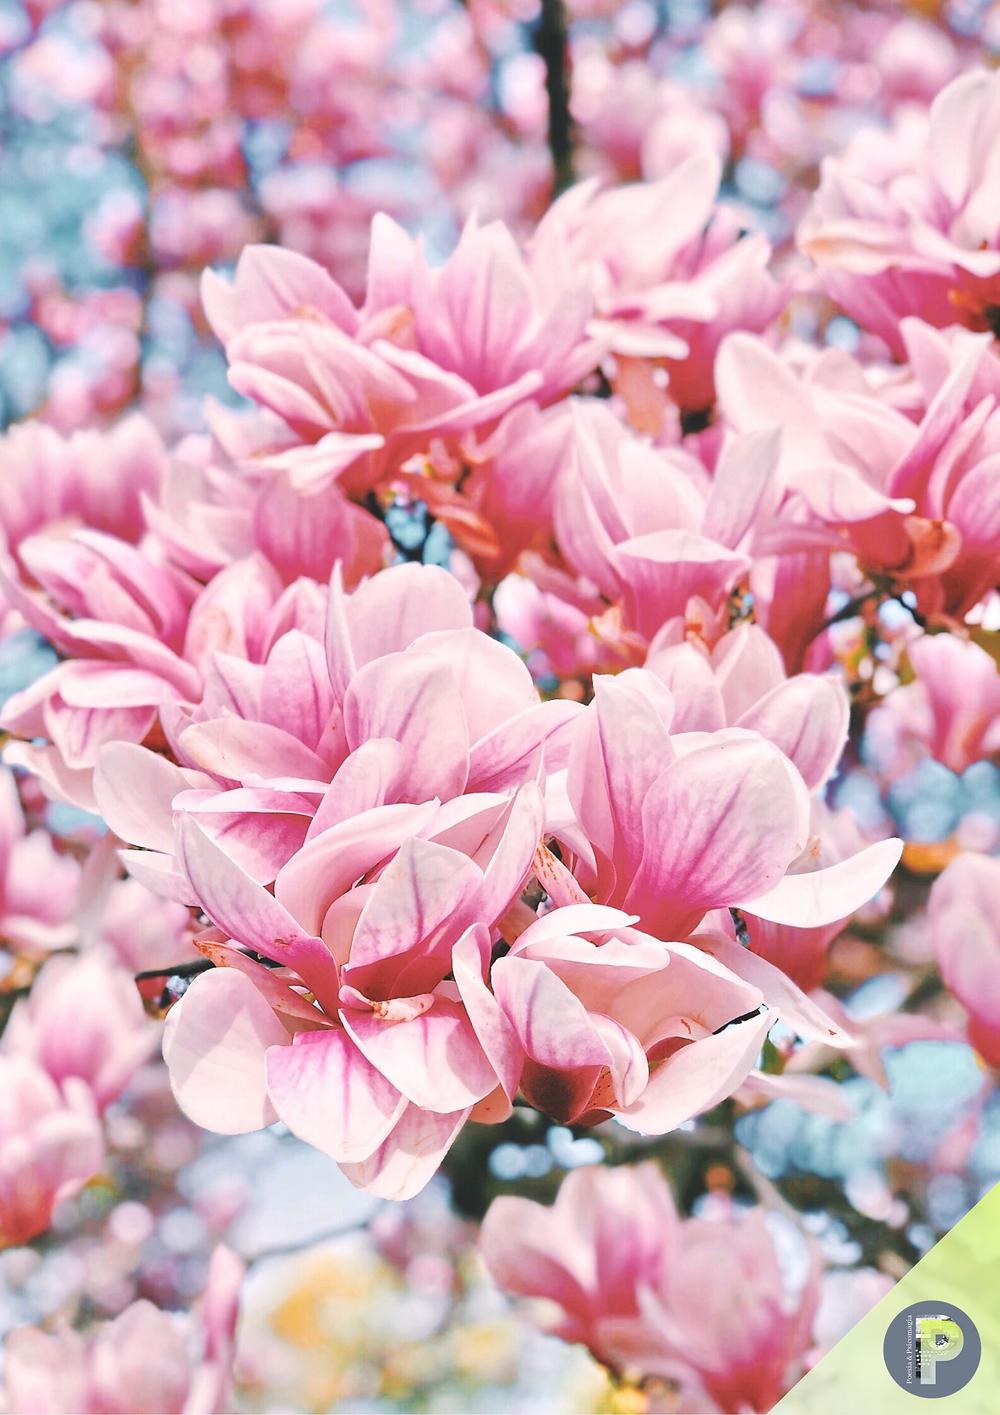 Poesie psicomagiche di primavera -  MAGGIO